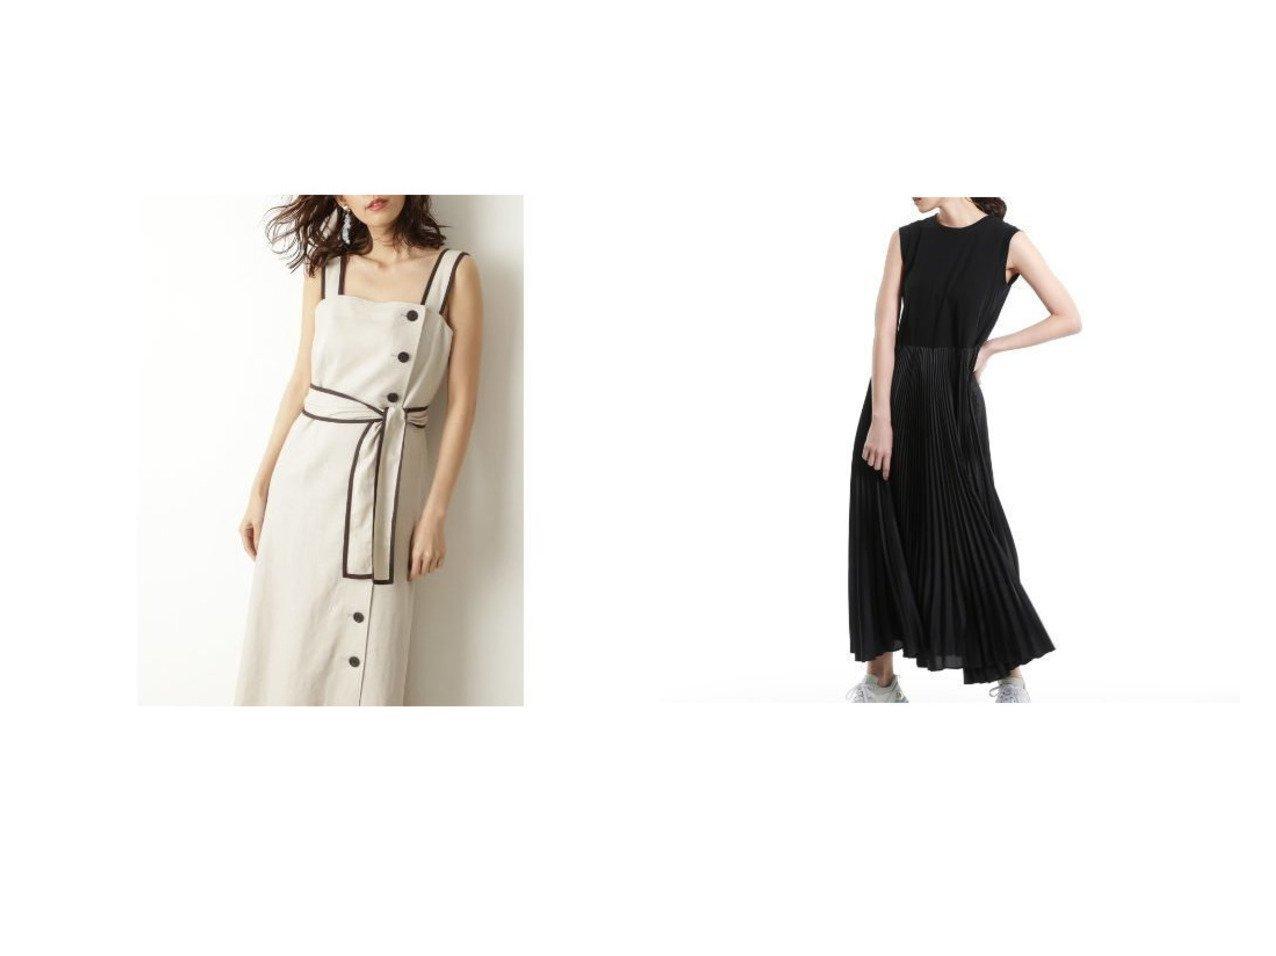 【EPOCA/エポカ】の【LA MAGLIA Lu TECS】プリーツドレス&【JILLSTUART/ジルスチュアート】のパメラワンピース 【ワンピース・ドレス】おすすめ!人気、トレンド・レディースファッションの通販  おすすめで人気の流行・トレンド、ファッションの通販商品 メンズファッション・キッズファッション・インテリア・家具・レディースファッション・服の通販 founy(ファニー) https://founy.com/ ファッション Fashion レディースファッション WOMEN ワンピース Dress ドレス Party Dresses コンビ ジャージ ドレス ドレープ パターン フォルム フォーマル プリーツ モダン ラグジュアリー リュクス リラックス アンダー インナー スリット スリム セットアップ パイピング リネン 春 Spring |ID:crp329100000032191